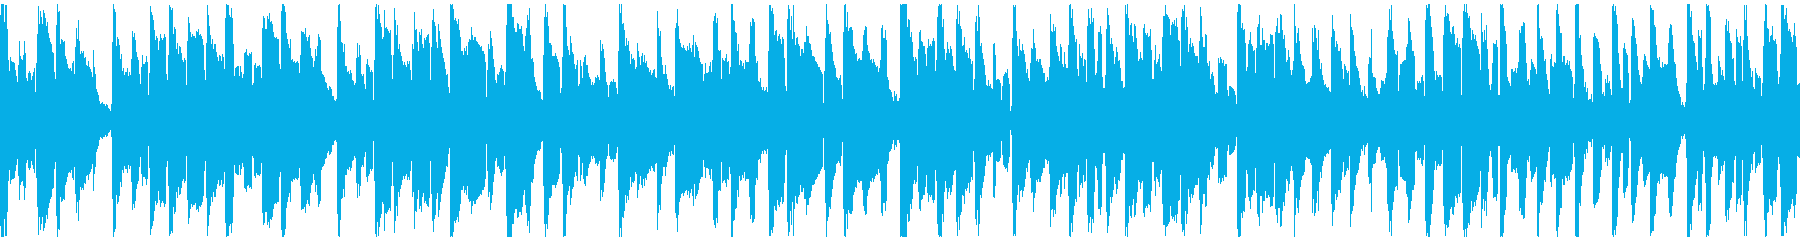 ぐうたら日常的な脱力リコーダー※ループ版の再生済みの波形